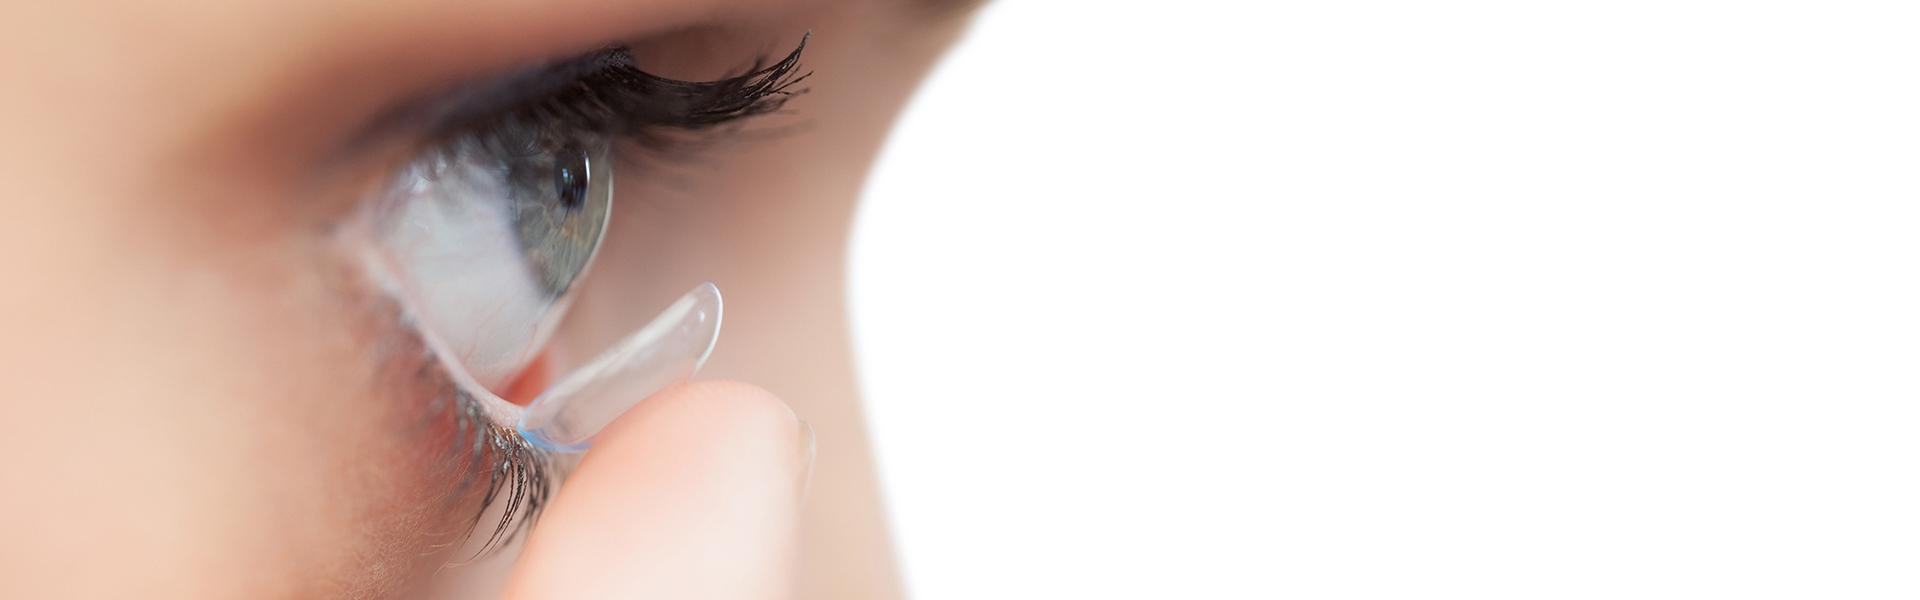 748e467cf A Óptica Seu Olhar Express possui diversas opções e tipos de lentes de  contato graduada e colorida com a melhor qualidade, garantindo sua acuidade  visual.